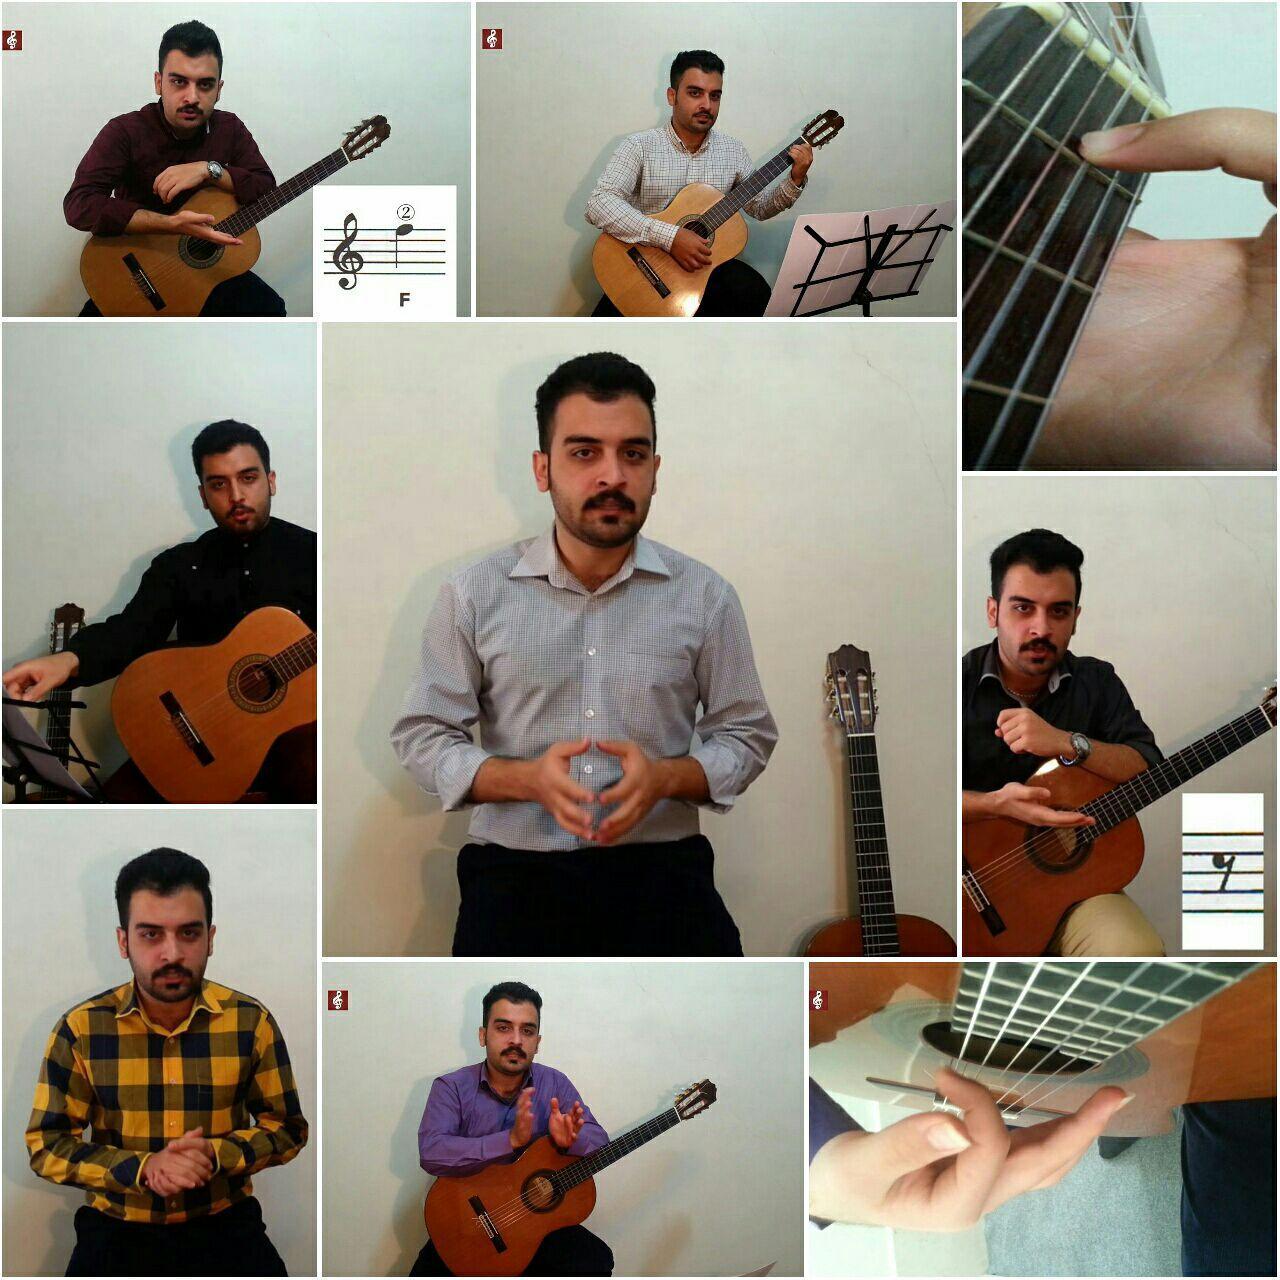 آموزش صفر تا صد گیتار با علیرضا نصوحی | جلسه چهل و هفتم